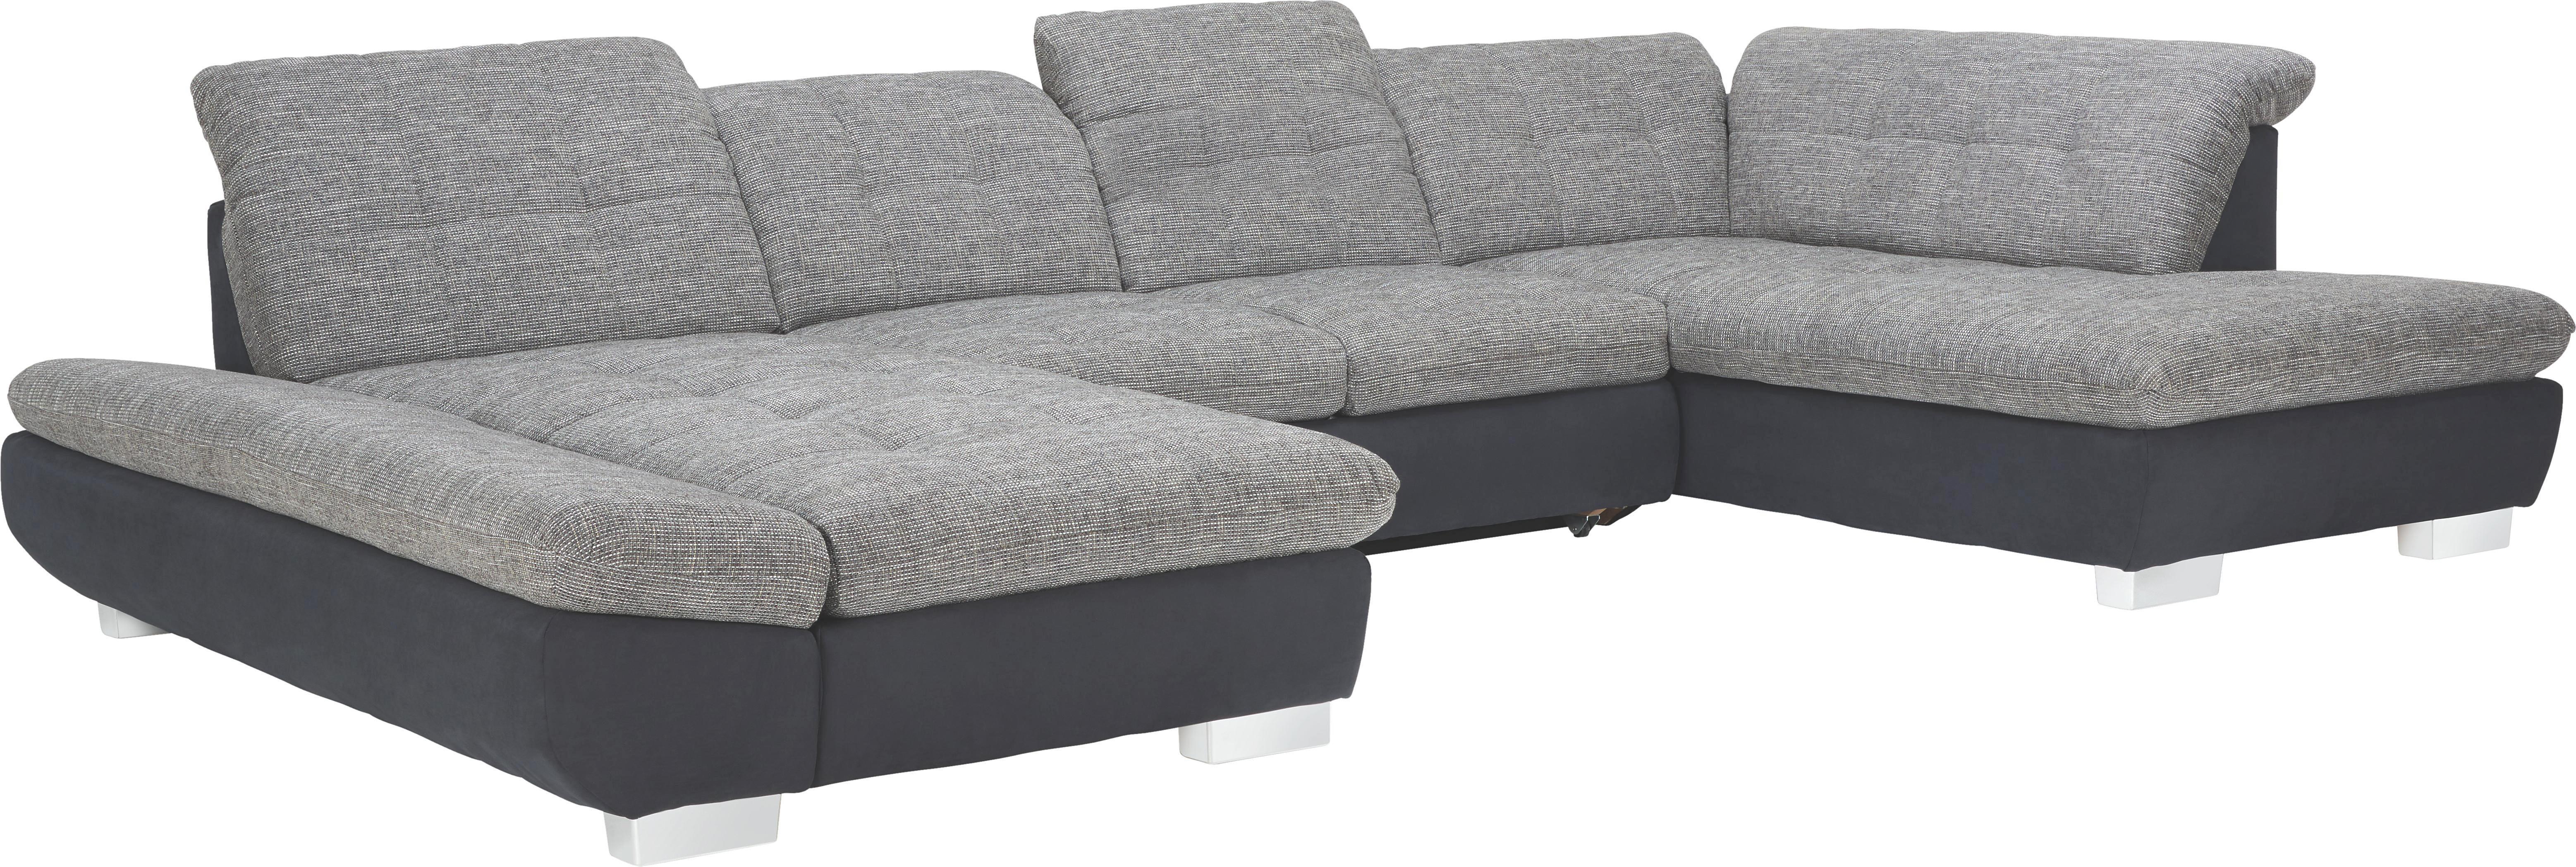 WOHNLANDSCHAFT in Grau, Schwarz Textil - Chromfarben/Schwarz, Design, Kunststoff/Textil (204/350/211cm) - XORA